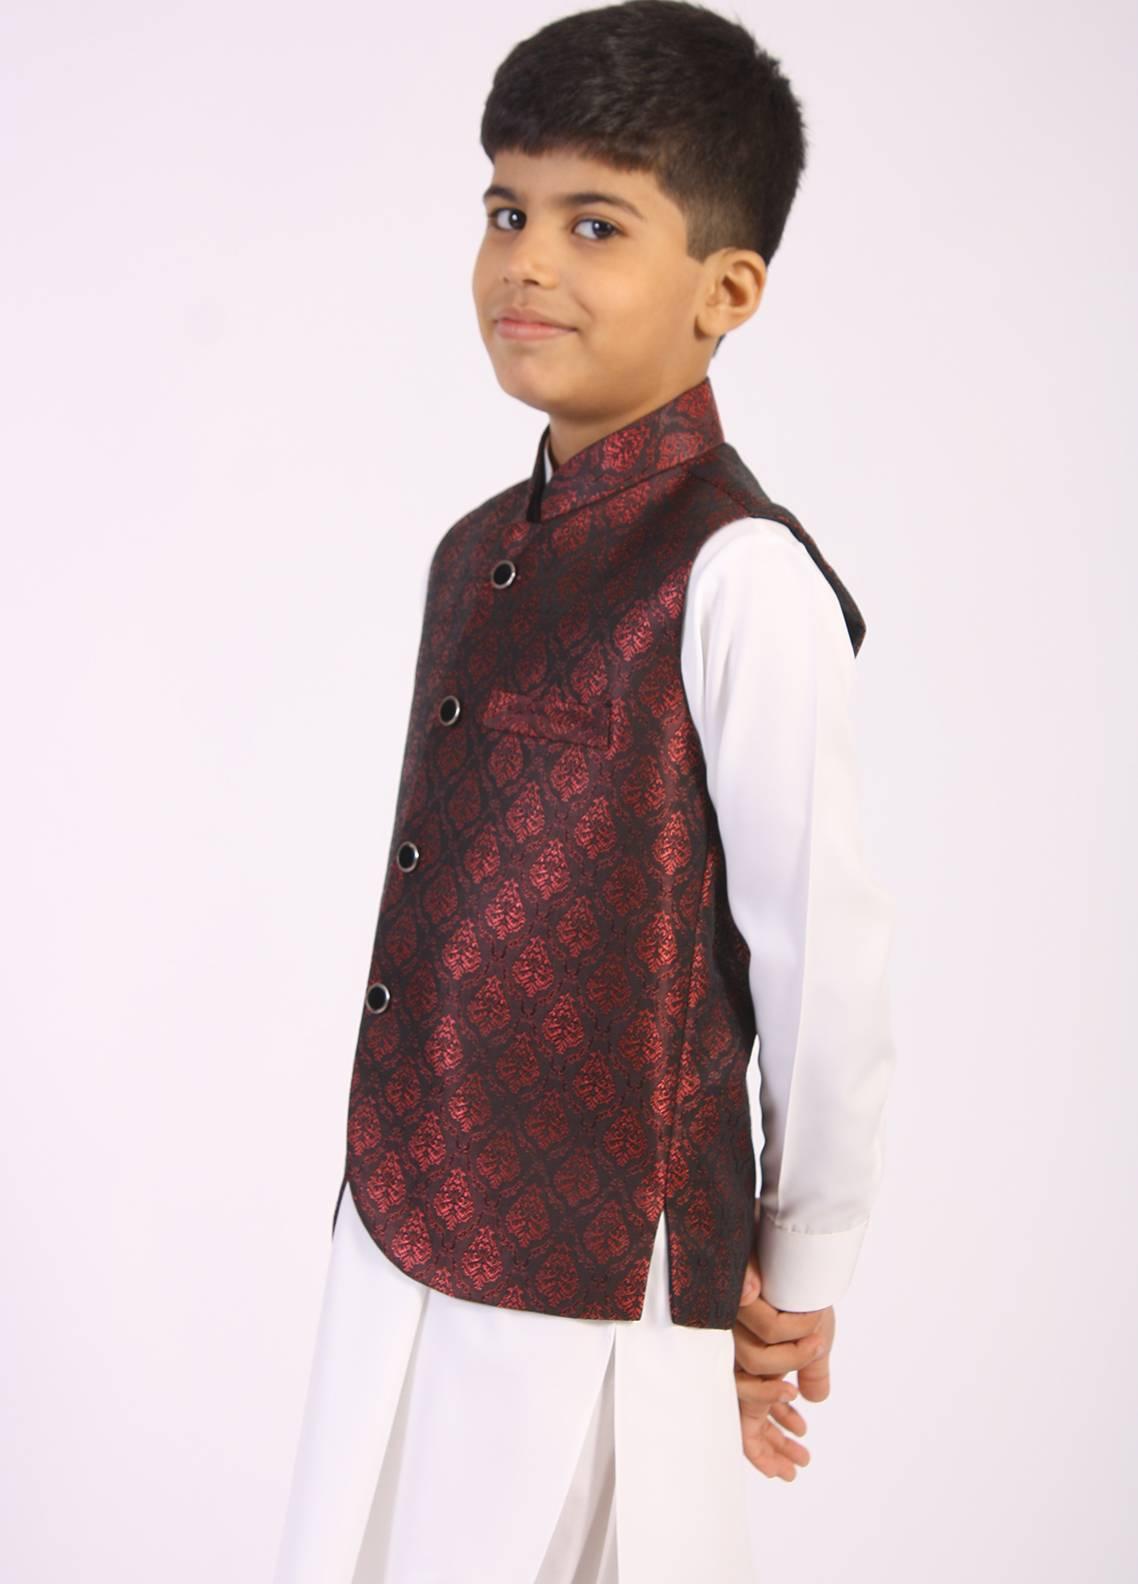 Sanaulla Exclusive Range Jamawar Fancy Waistcoat for Boys - Maroon SAB18W 004